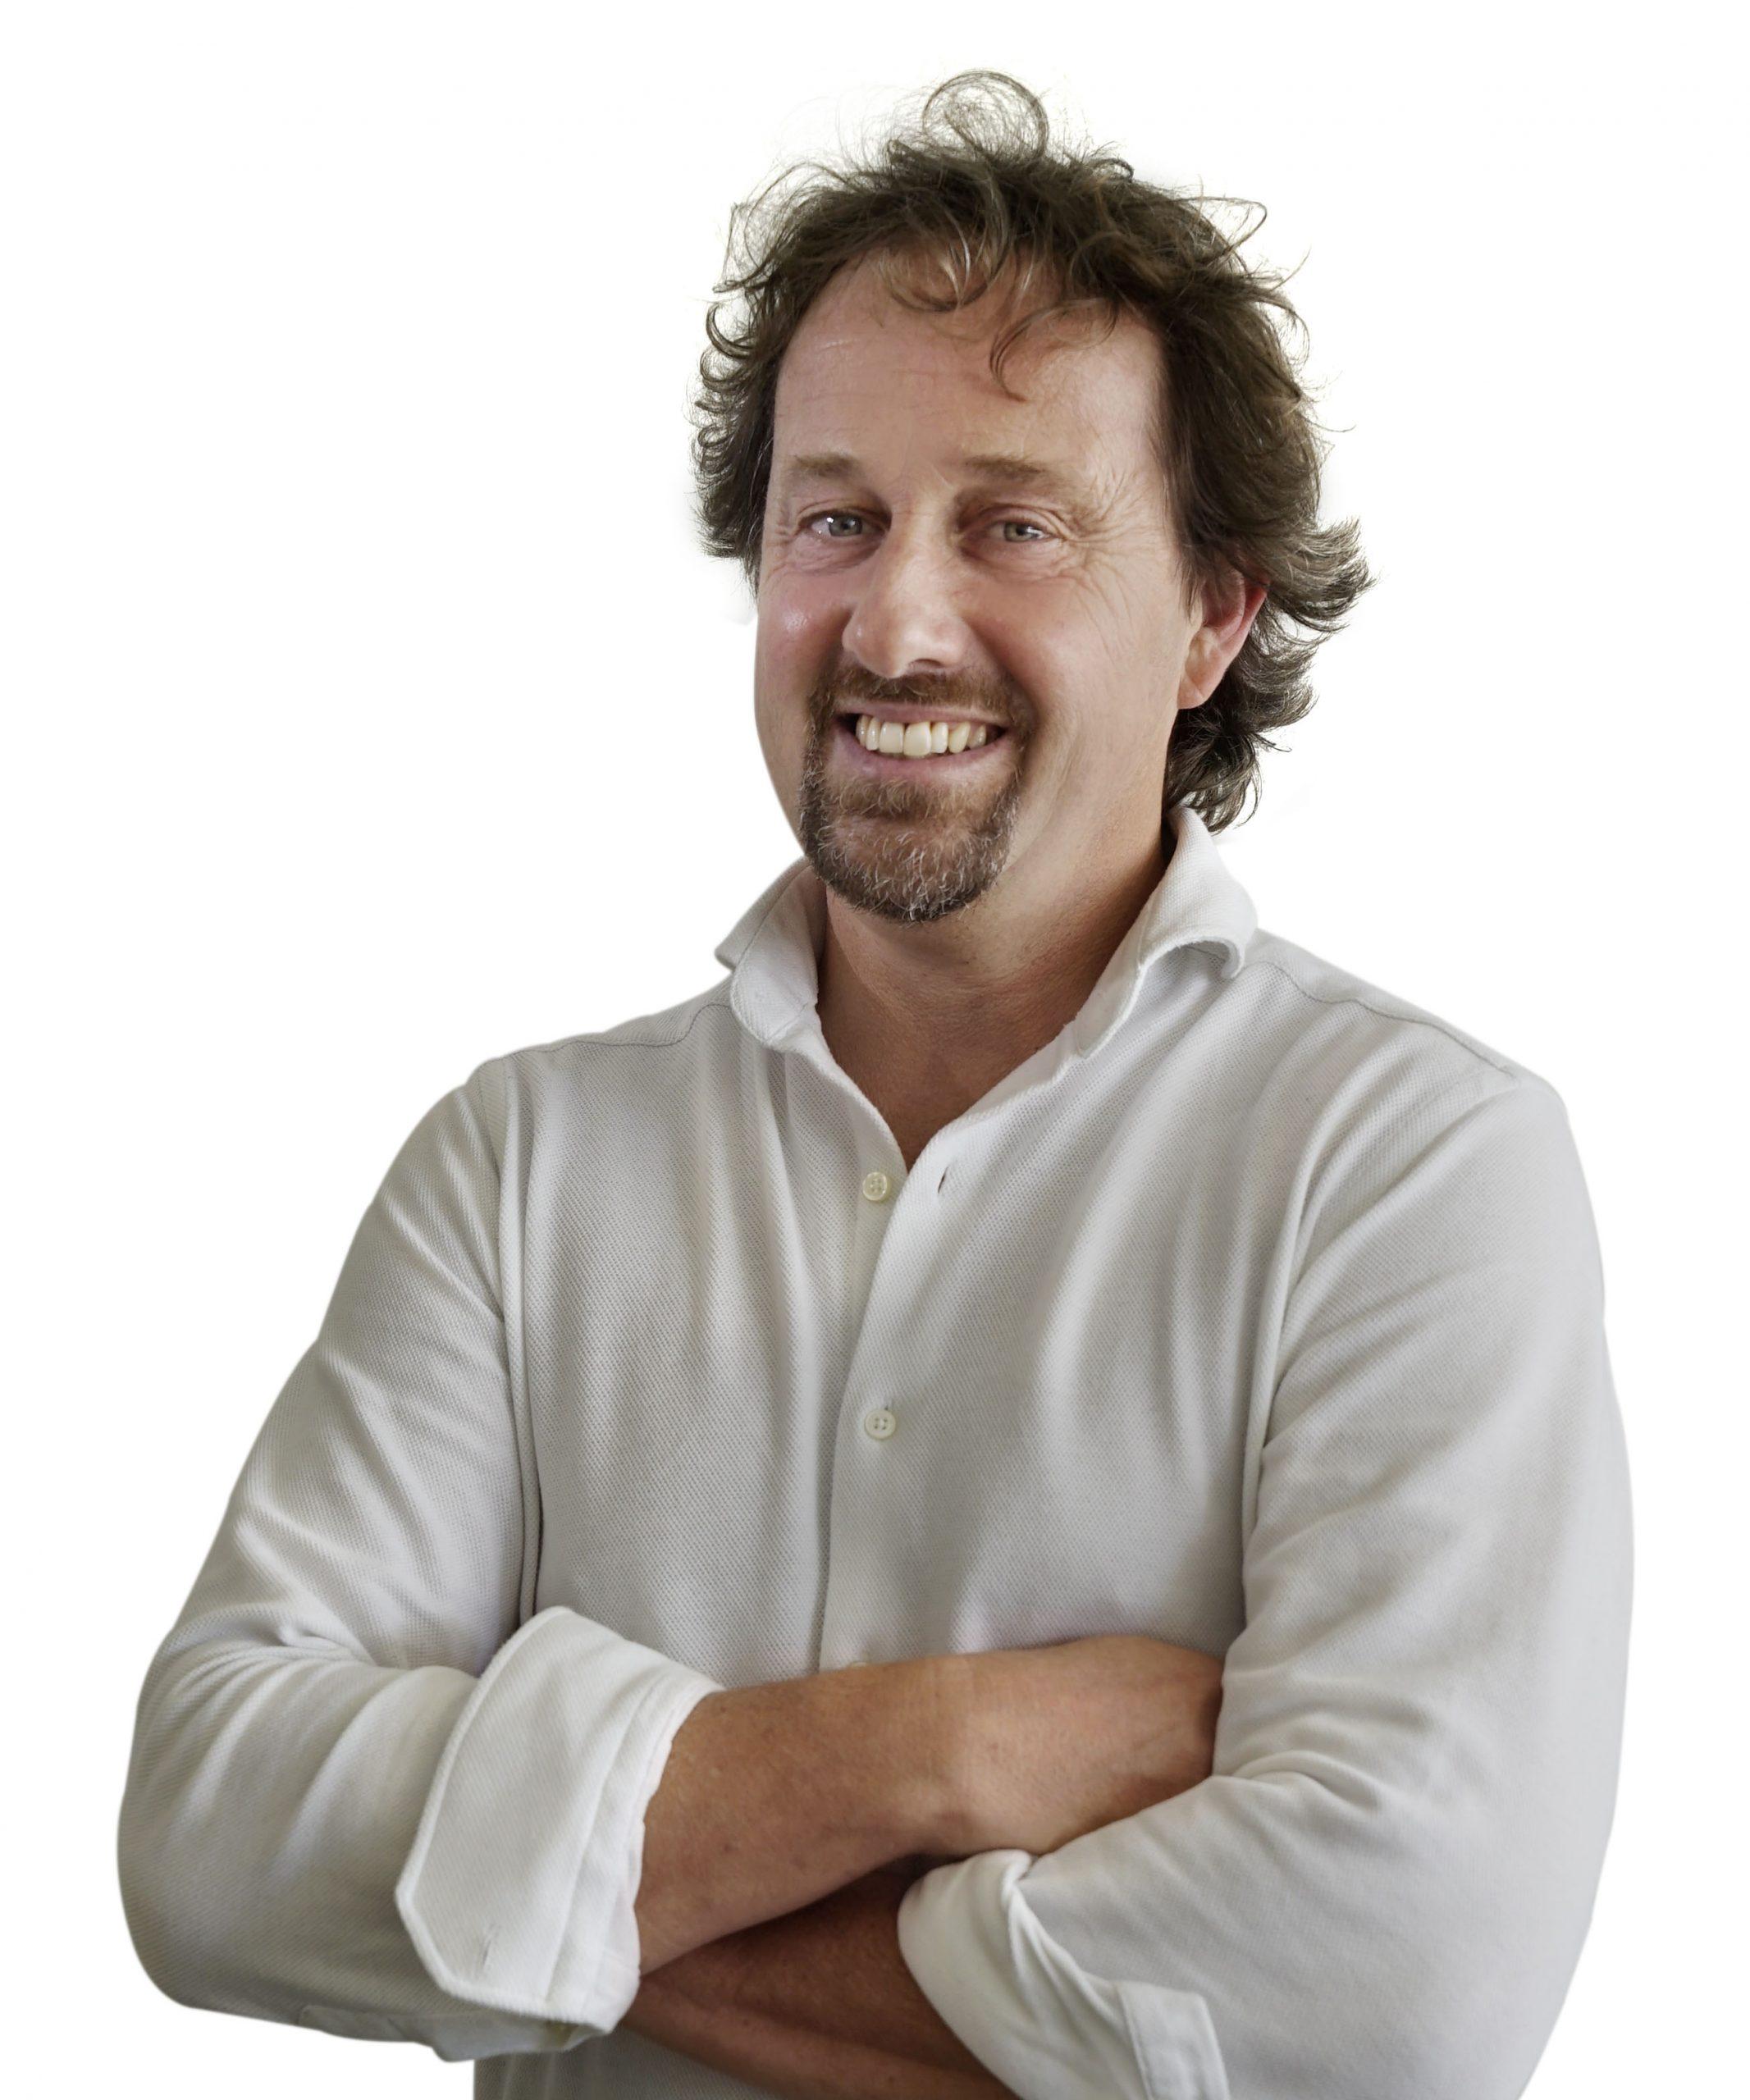 Dott. Ludovico Ghini